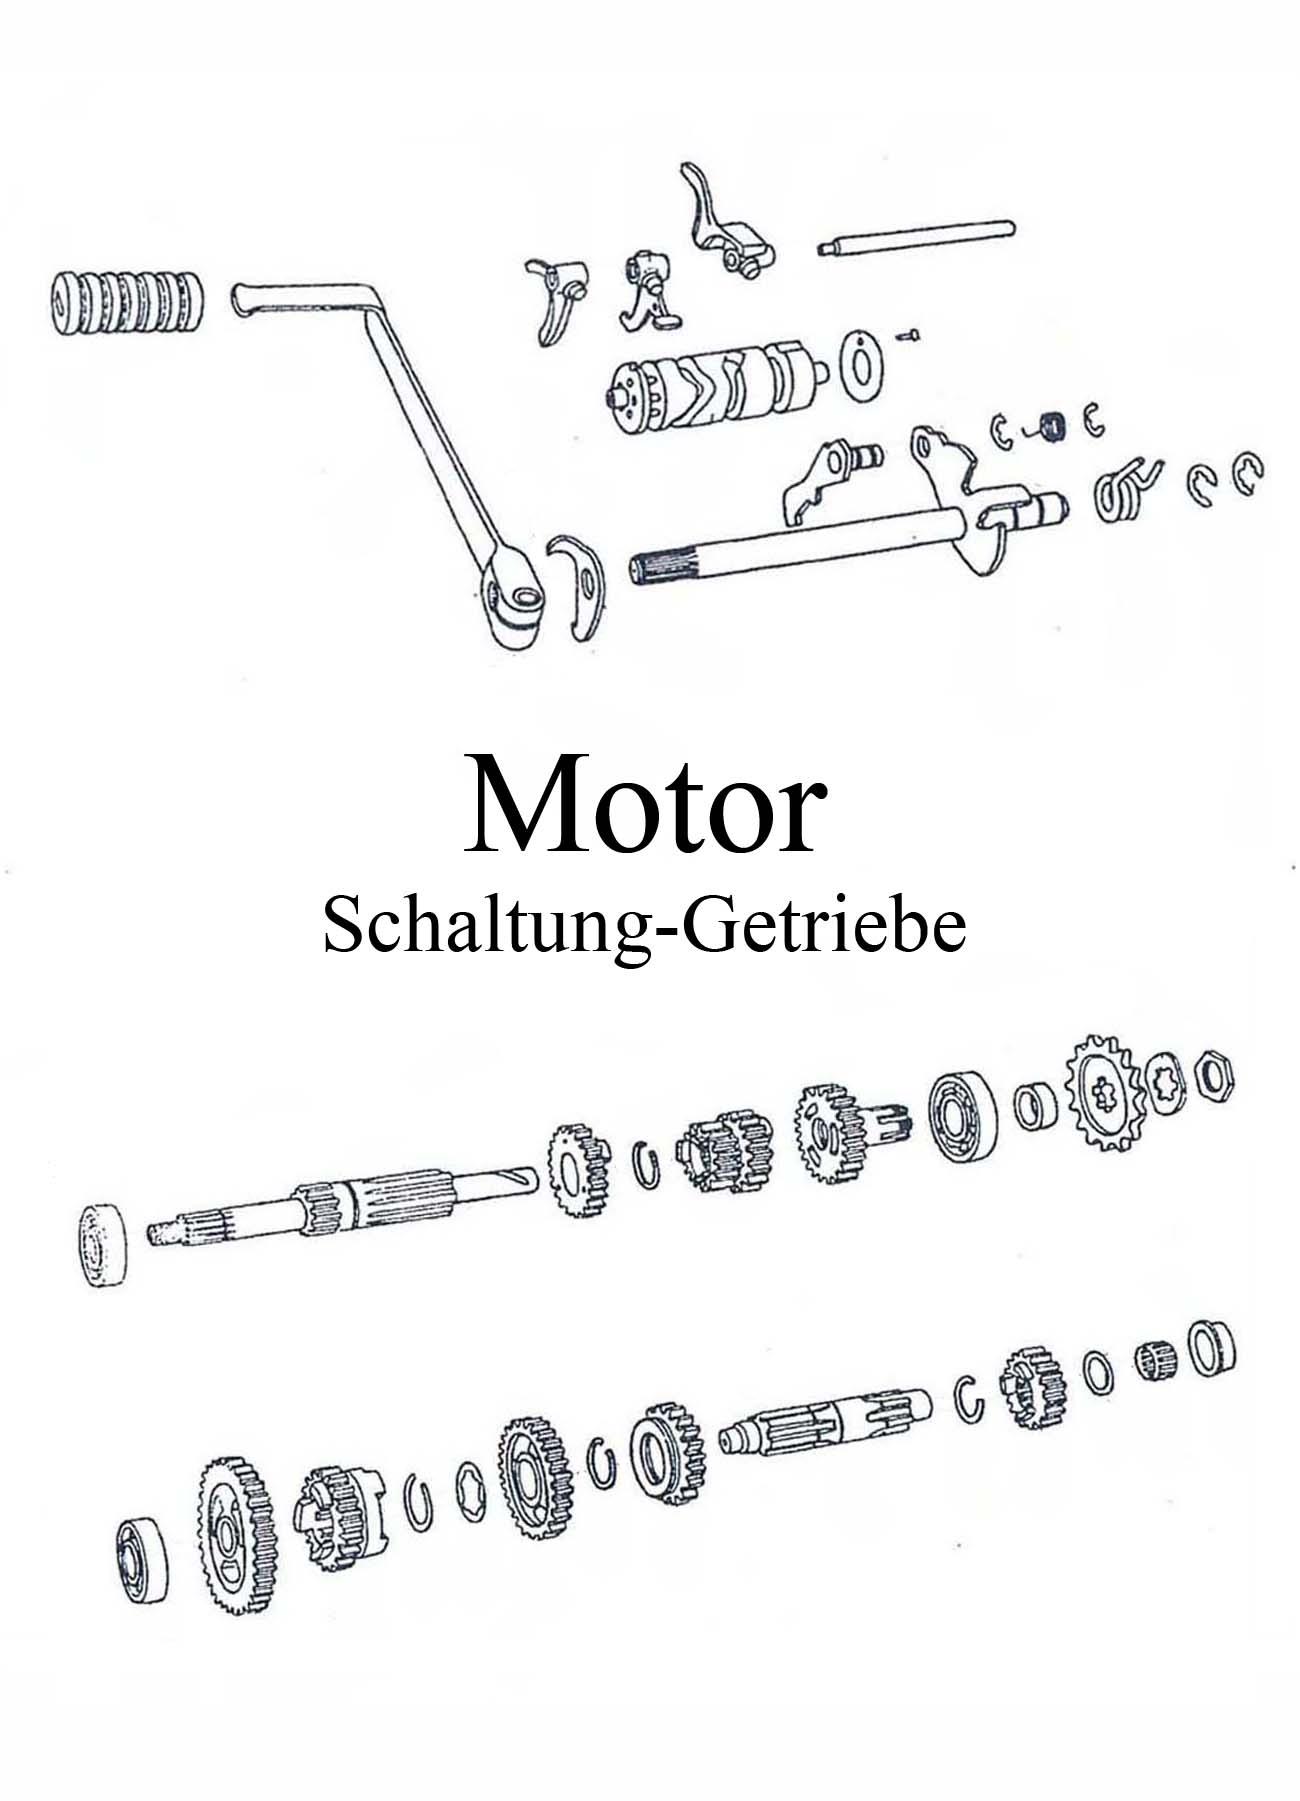 MZ ETZ 125-150 Ersatzteileliste Motor 5-Gang-Getriebe Fußschaltung Hebel Gummi Welle Zahnrad Schaltrad Gummi